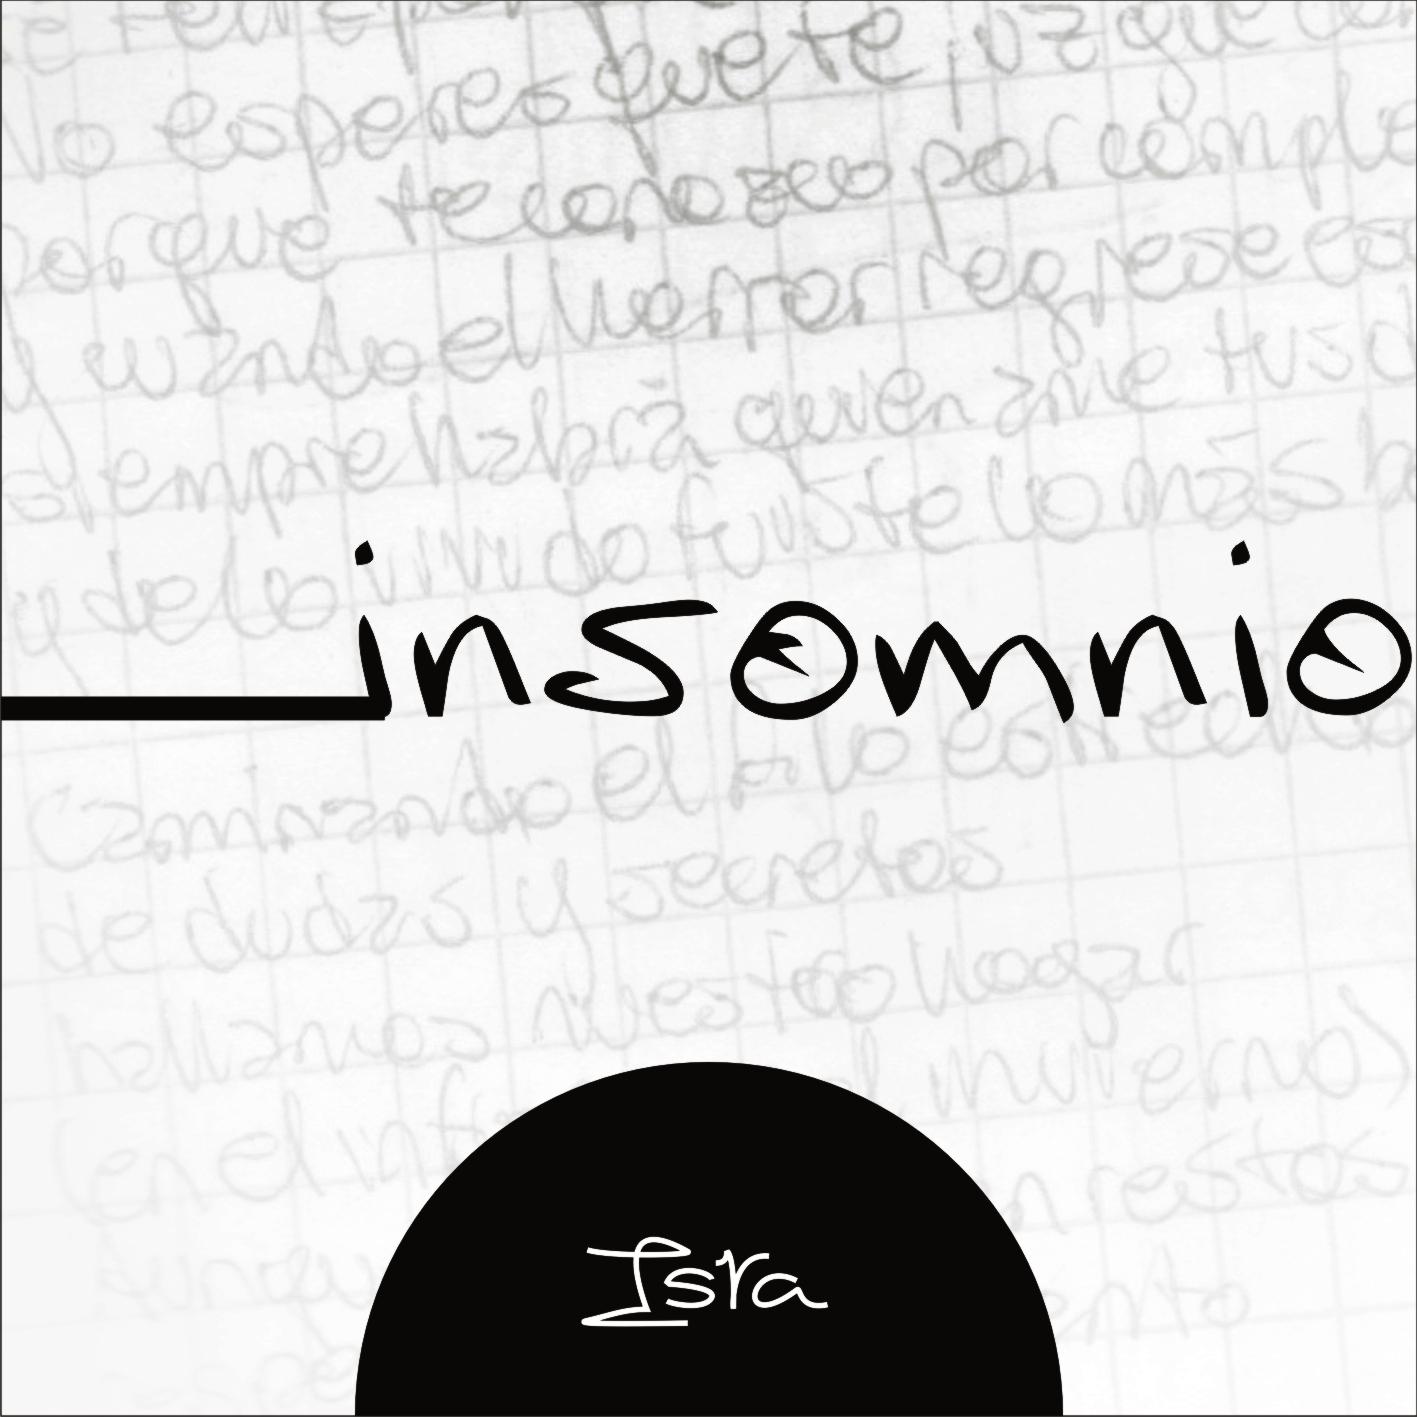 Insomnio - Simple Mente - ISRA